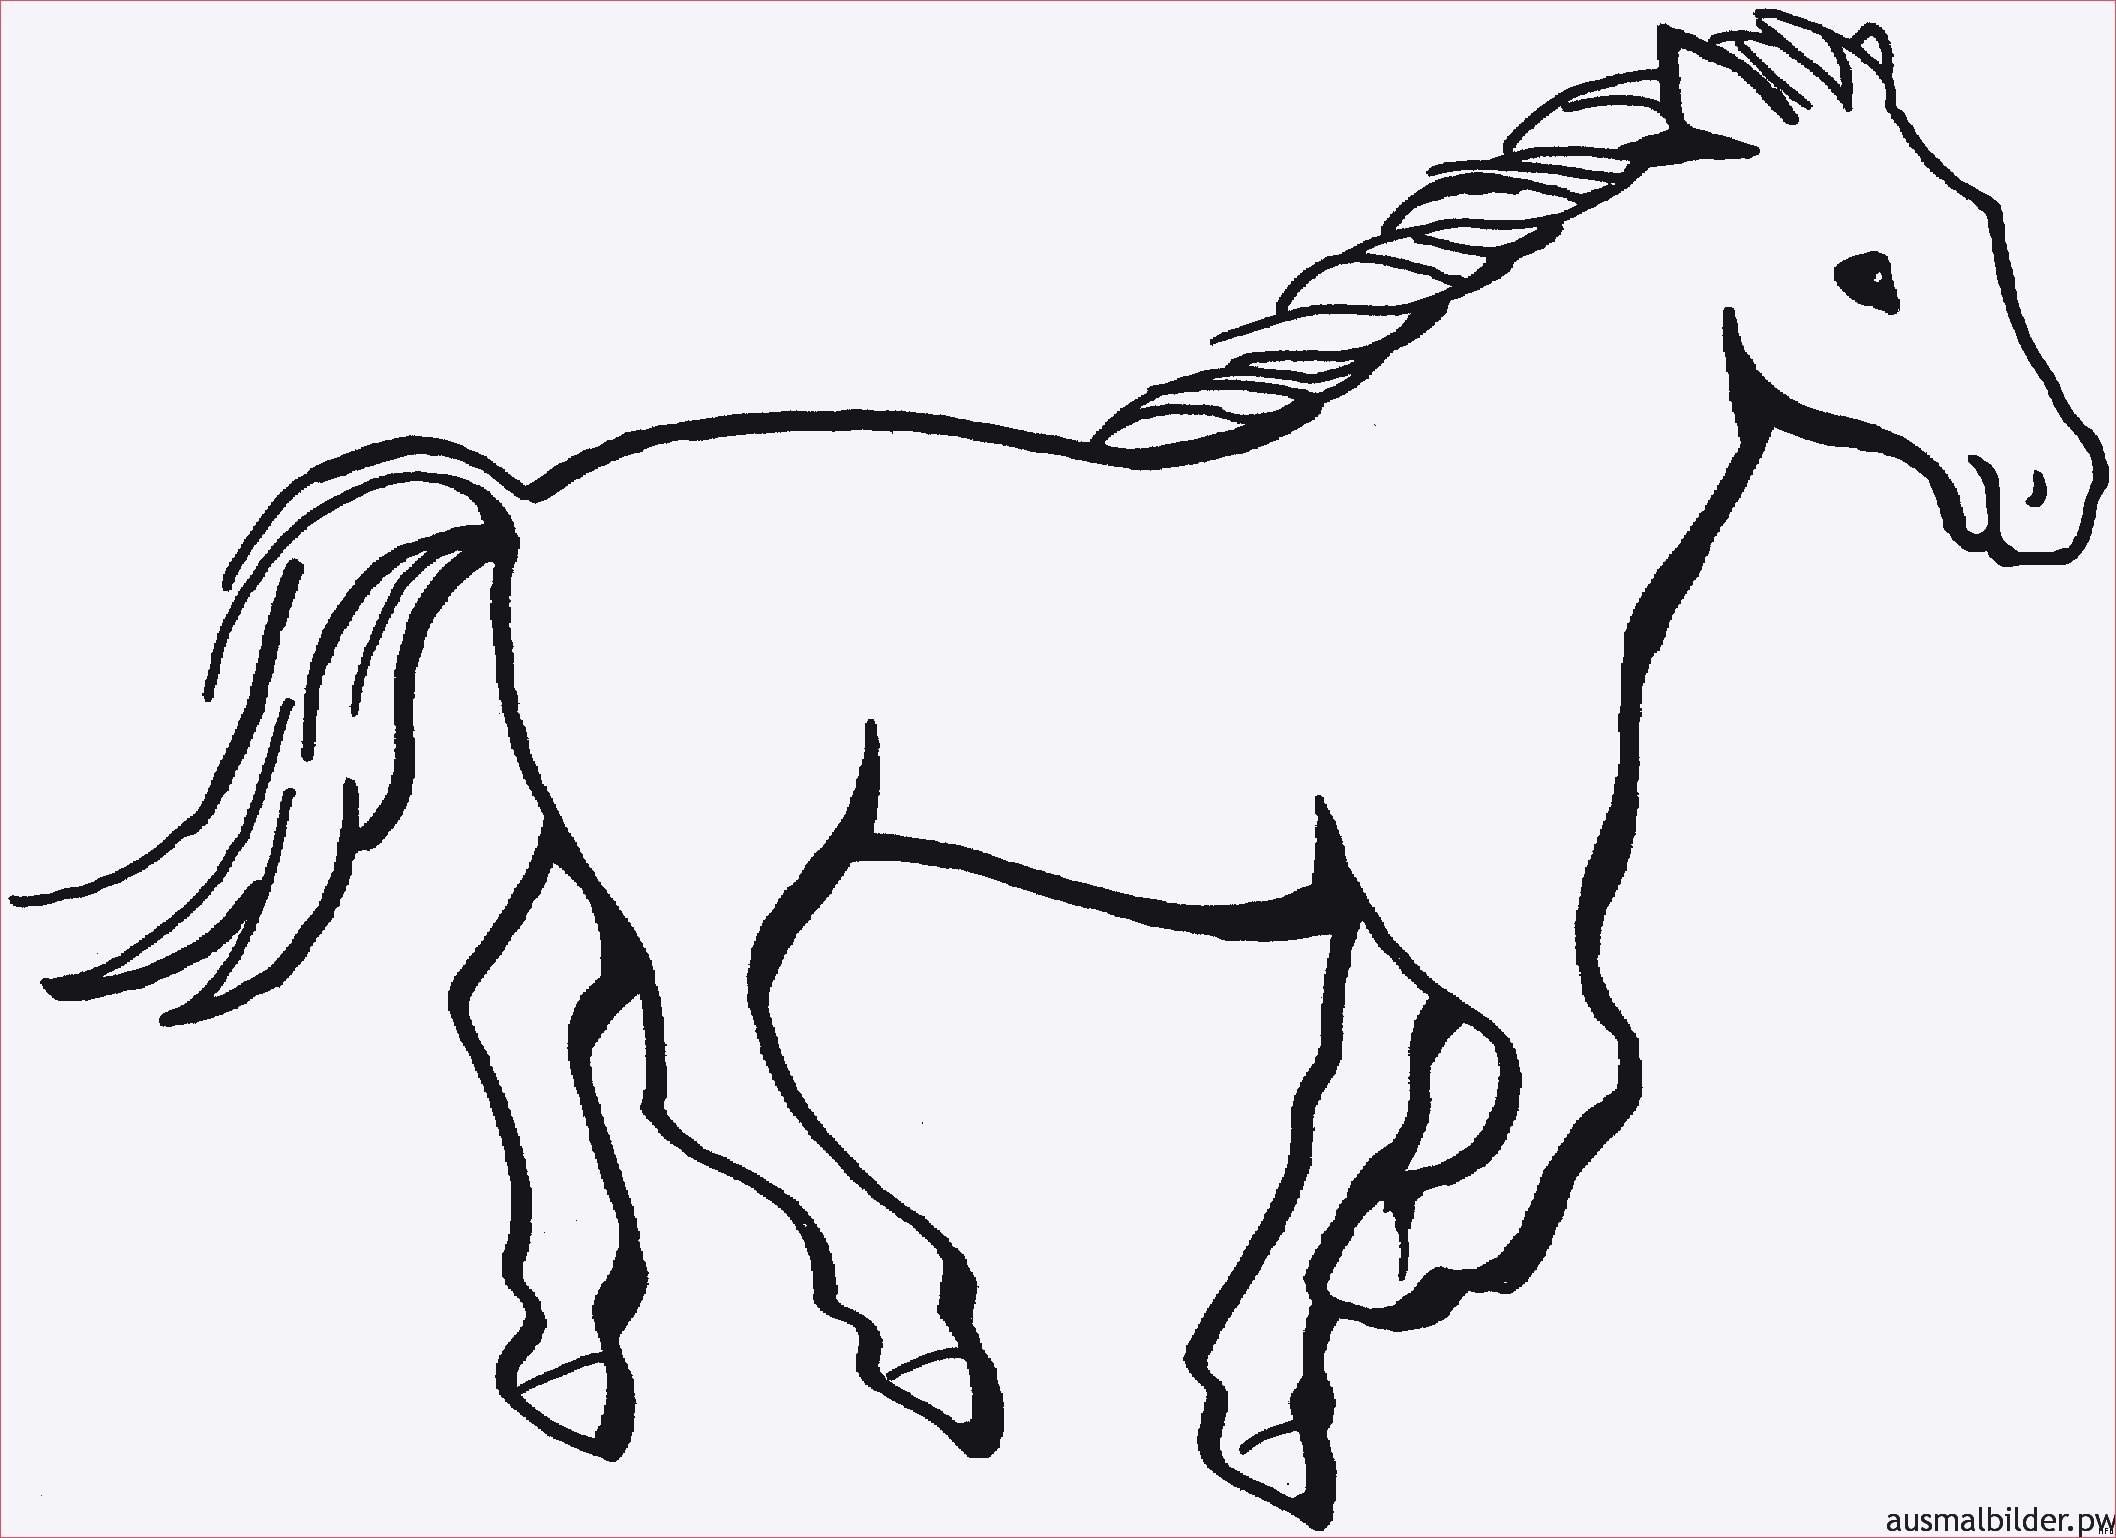 Ausmalbilder Pferde Mit Fohlen Neu Malvorlagen Pferde Mit Fohlen Einzigartig 37 Ausmalbilder Pferd Mit Bilder